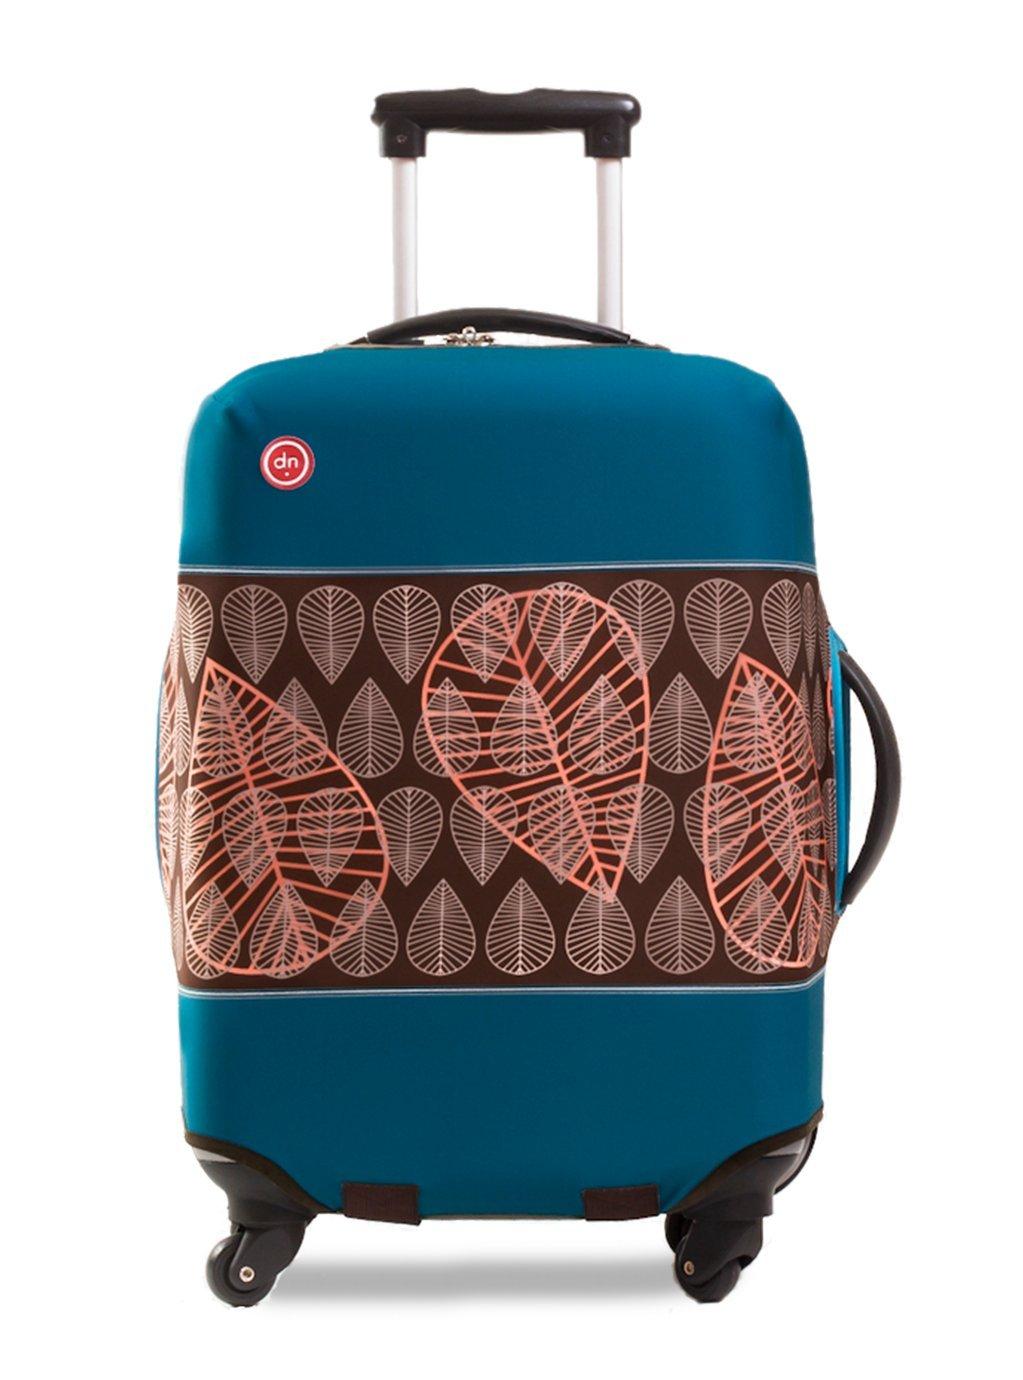 Dandy Nomad Housse de valise Maupiti Bleu Regenhülle, 26 cm, Blau (Bleu)